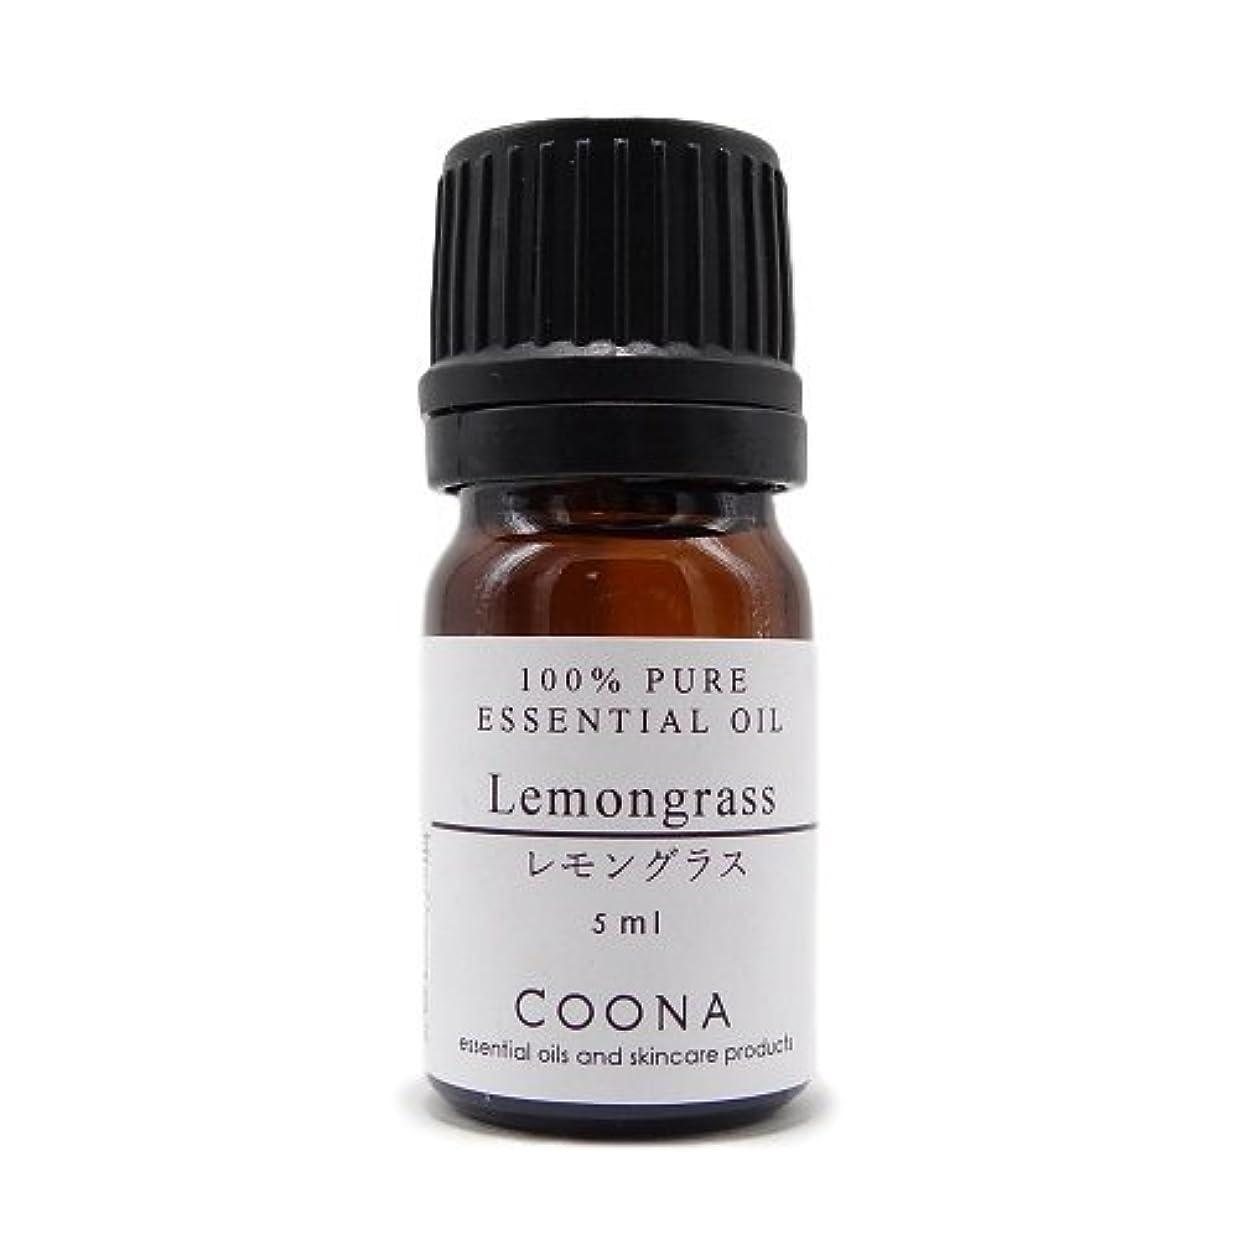 シャベルアルバム骨髄レモングラス 5ml (COONA エッセンシャルオイル アロマオイル 100%天然植物精油)